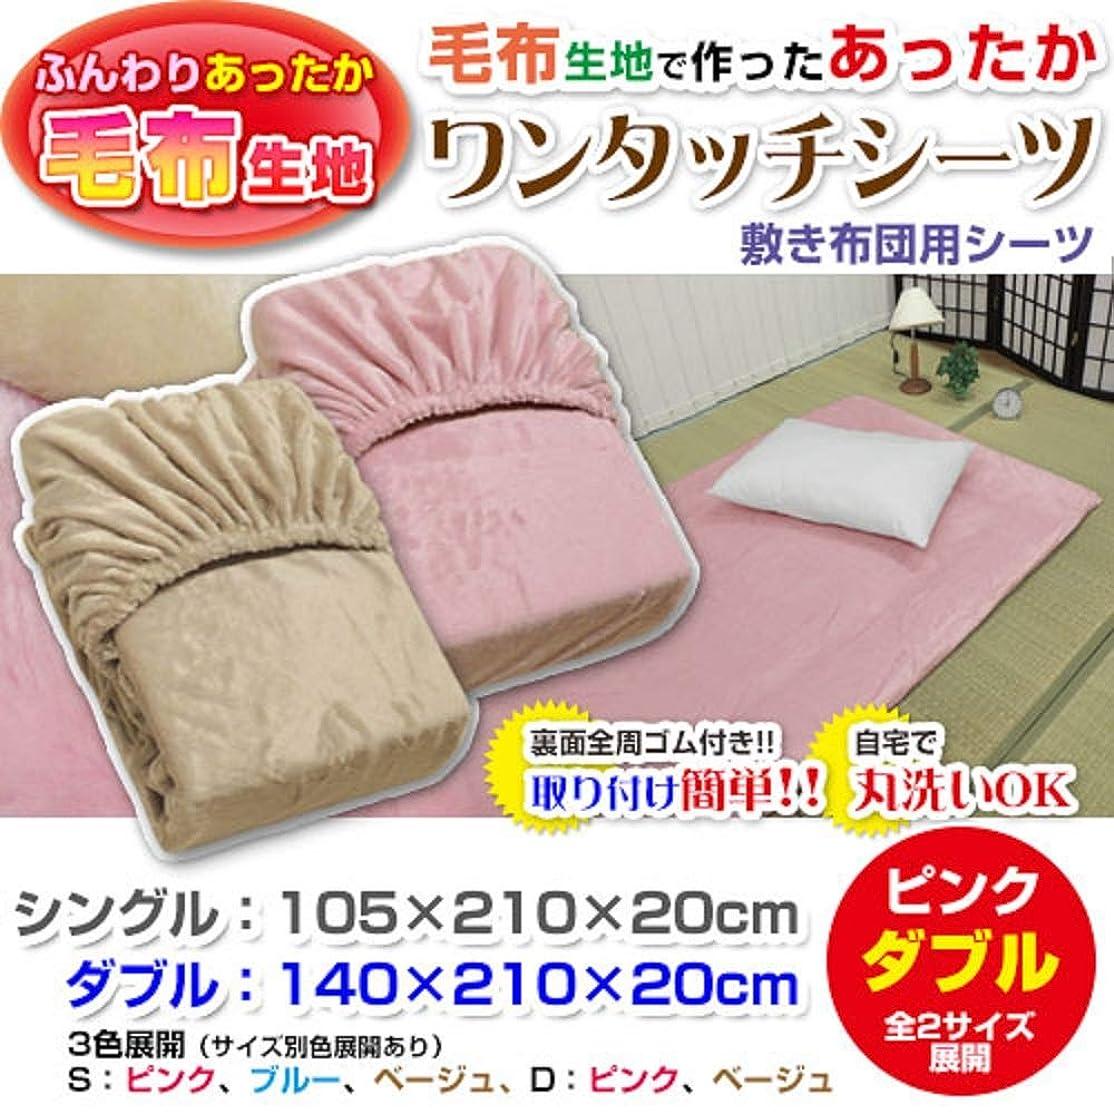 個人的に黒板アラバマメーカー直販 毛布生地で作った あったかワンタッチシーツ ダブル 140×210×20cm ピンク